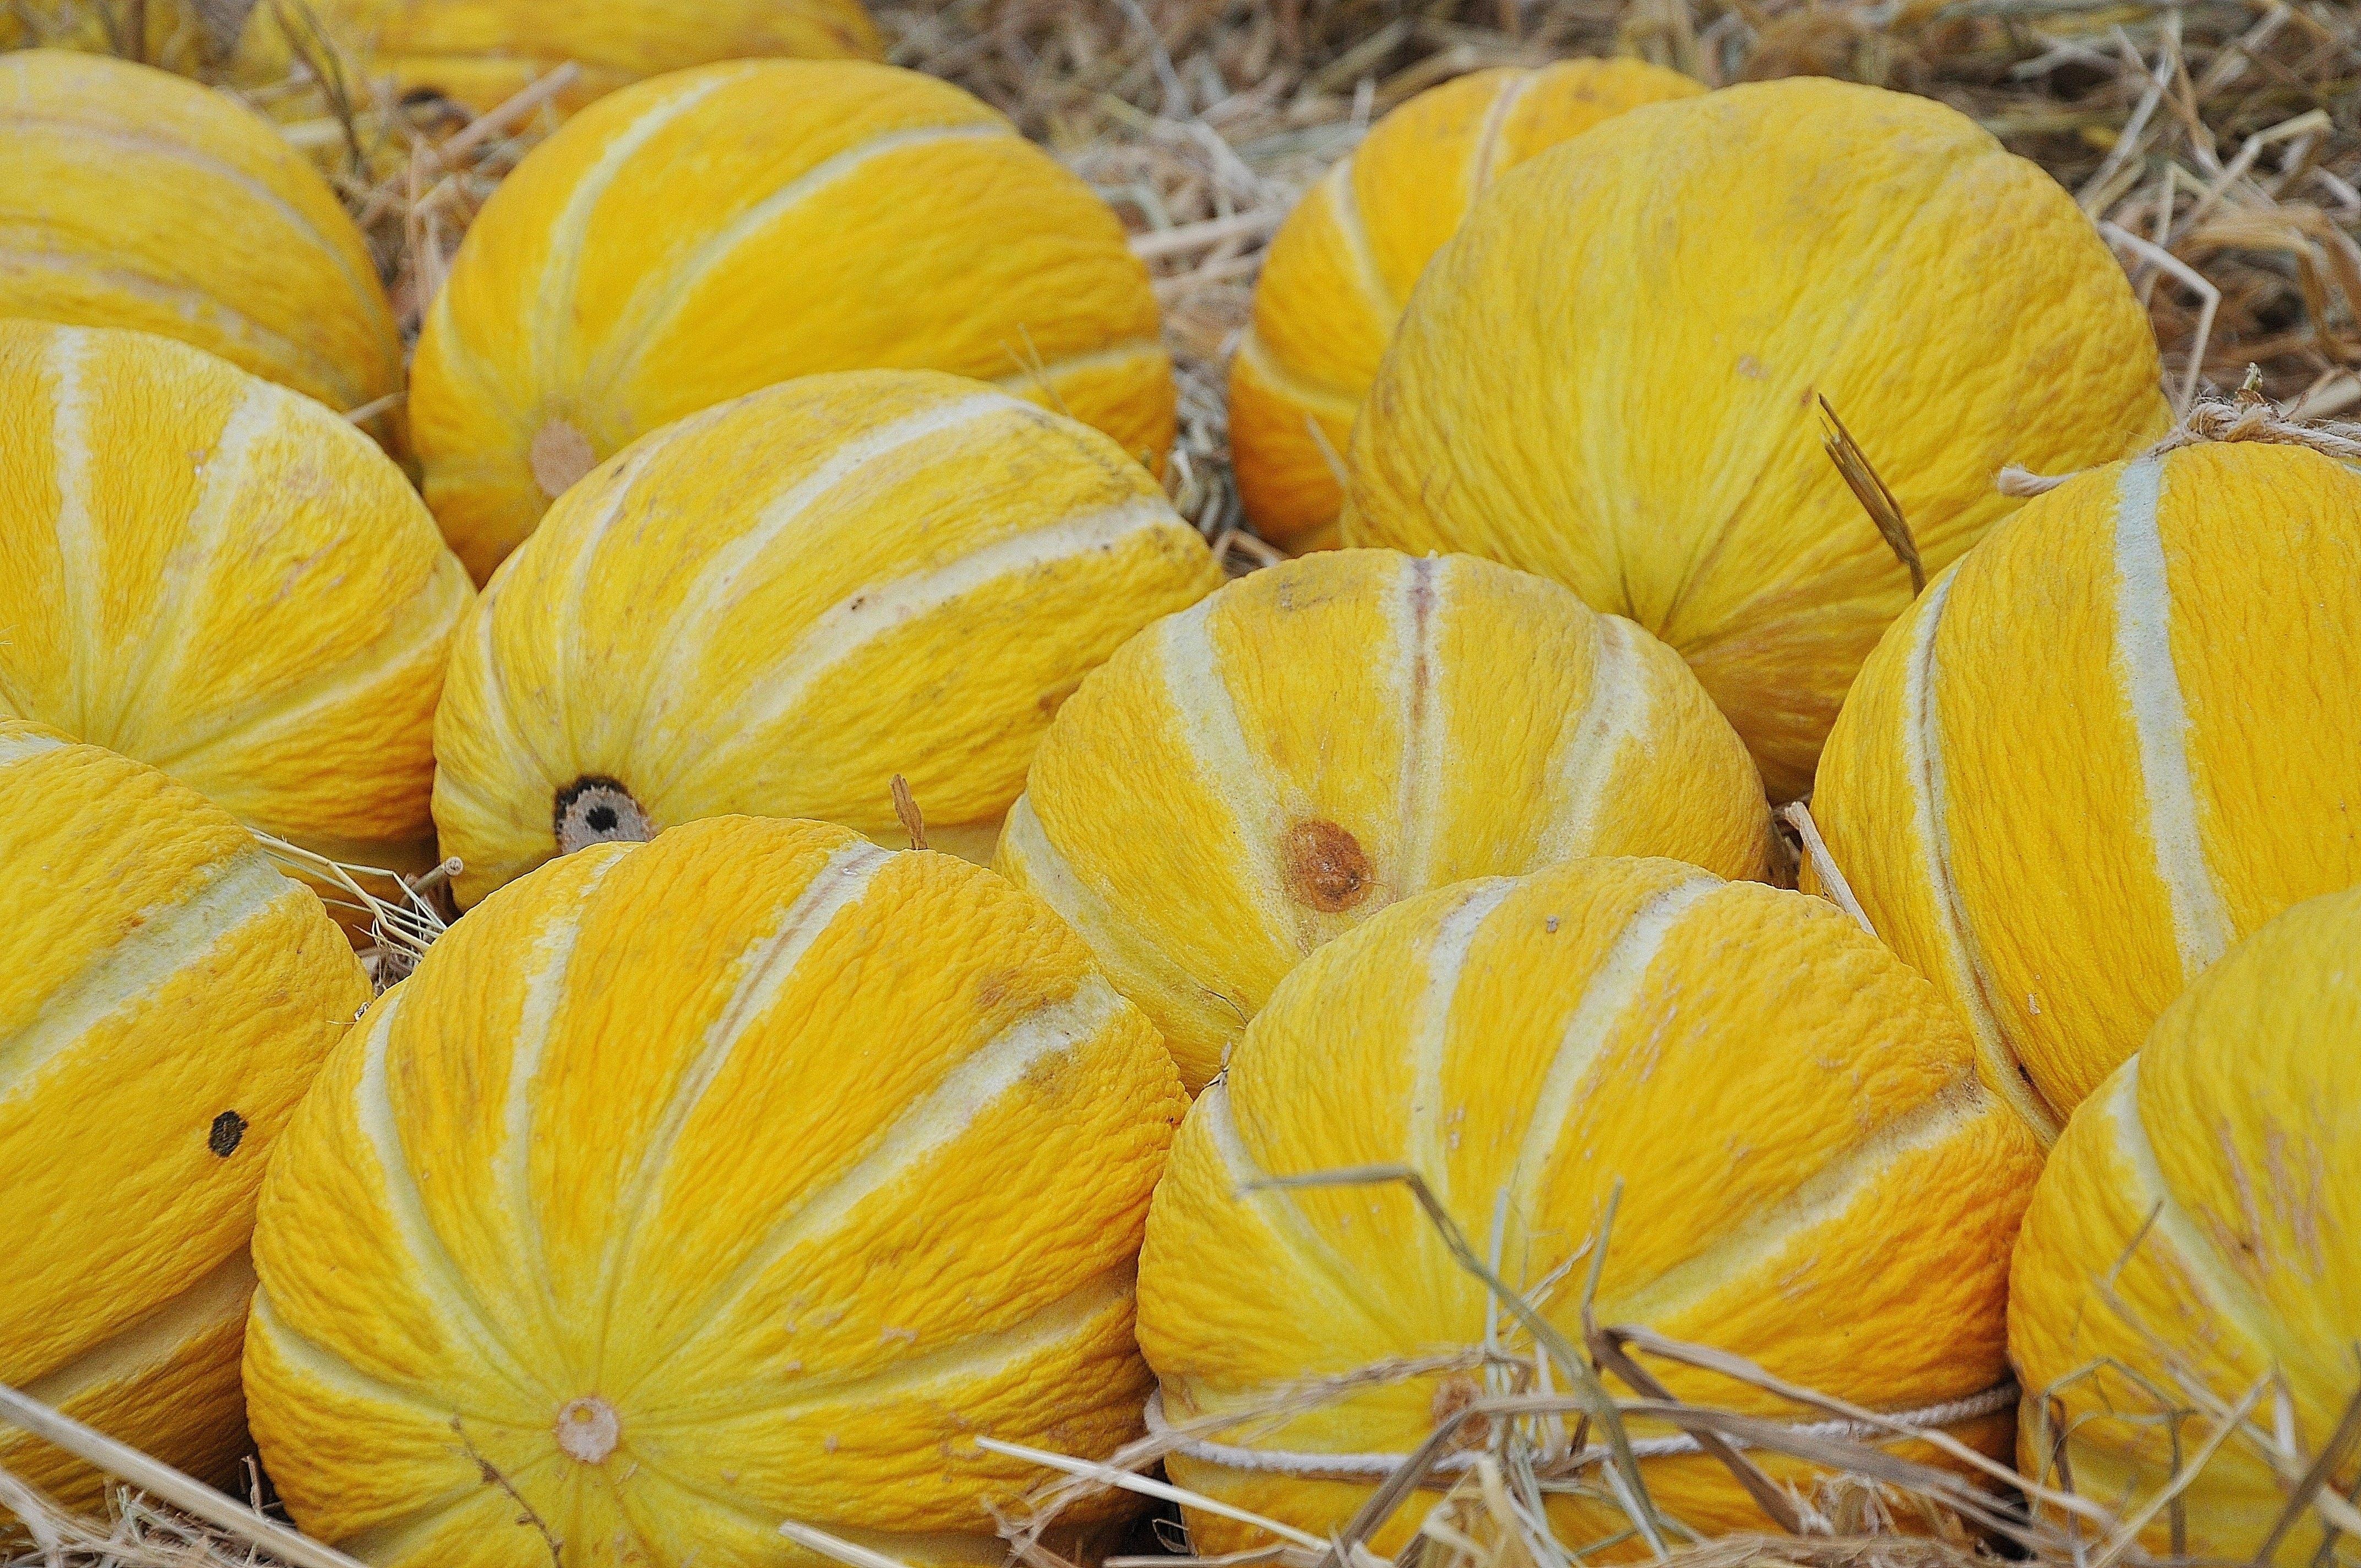 Yellow Fruit on Hay